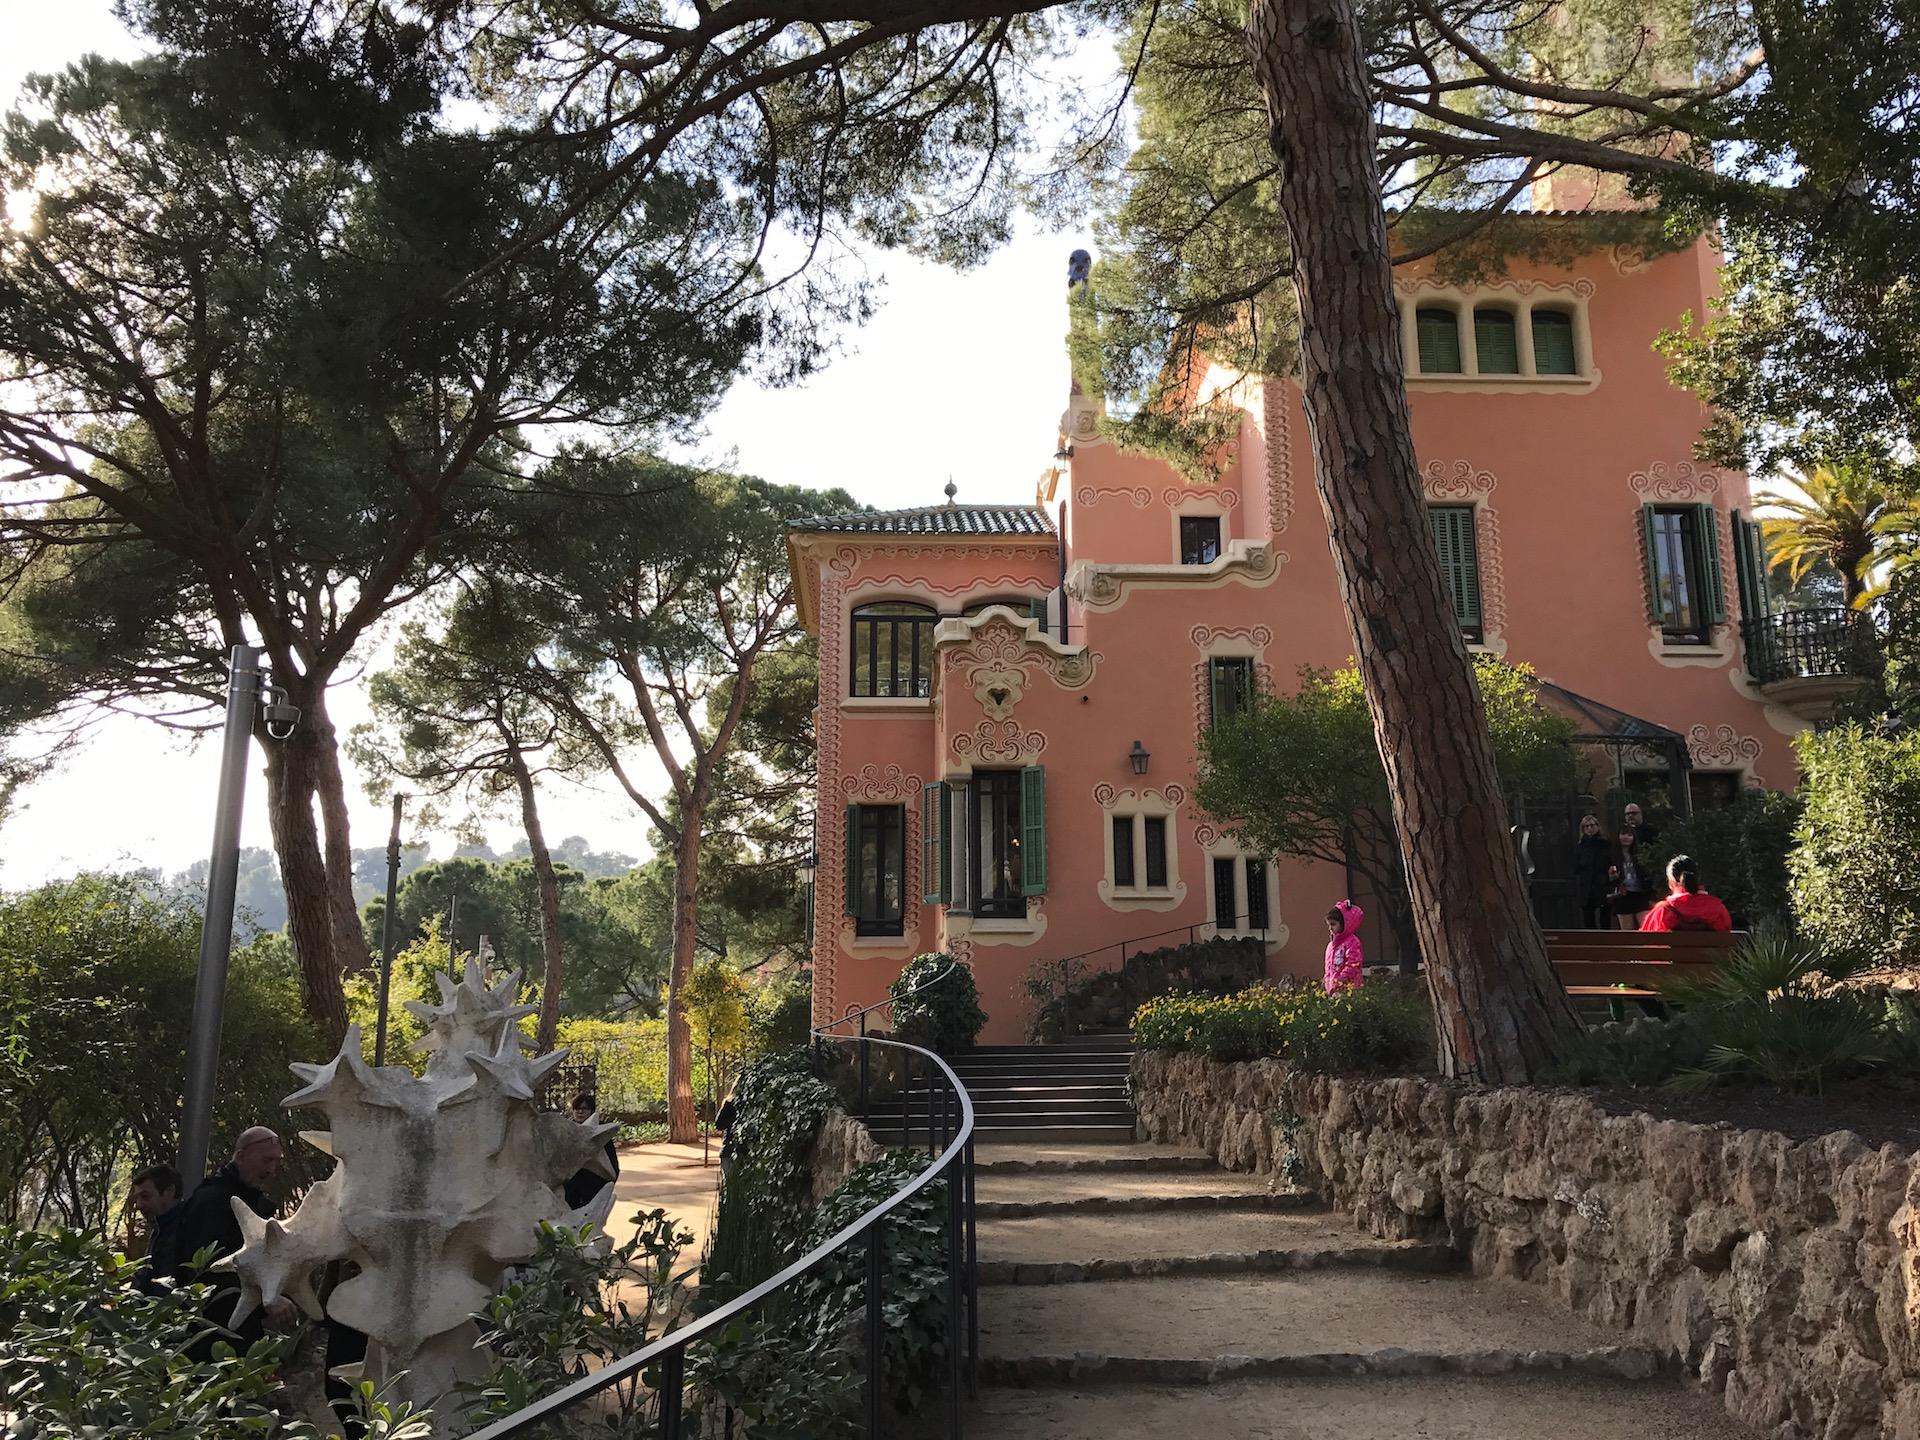 Das ehemalige Wohnhaus von Gaudi